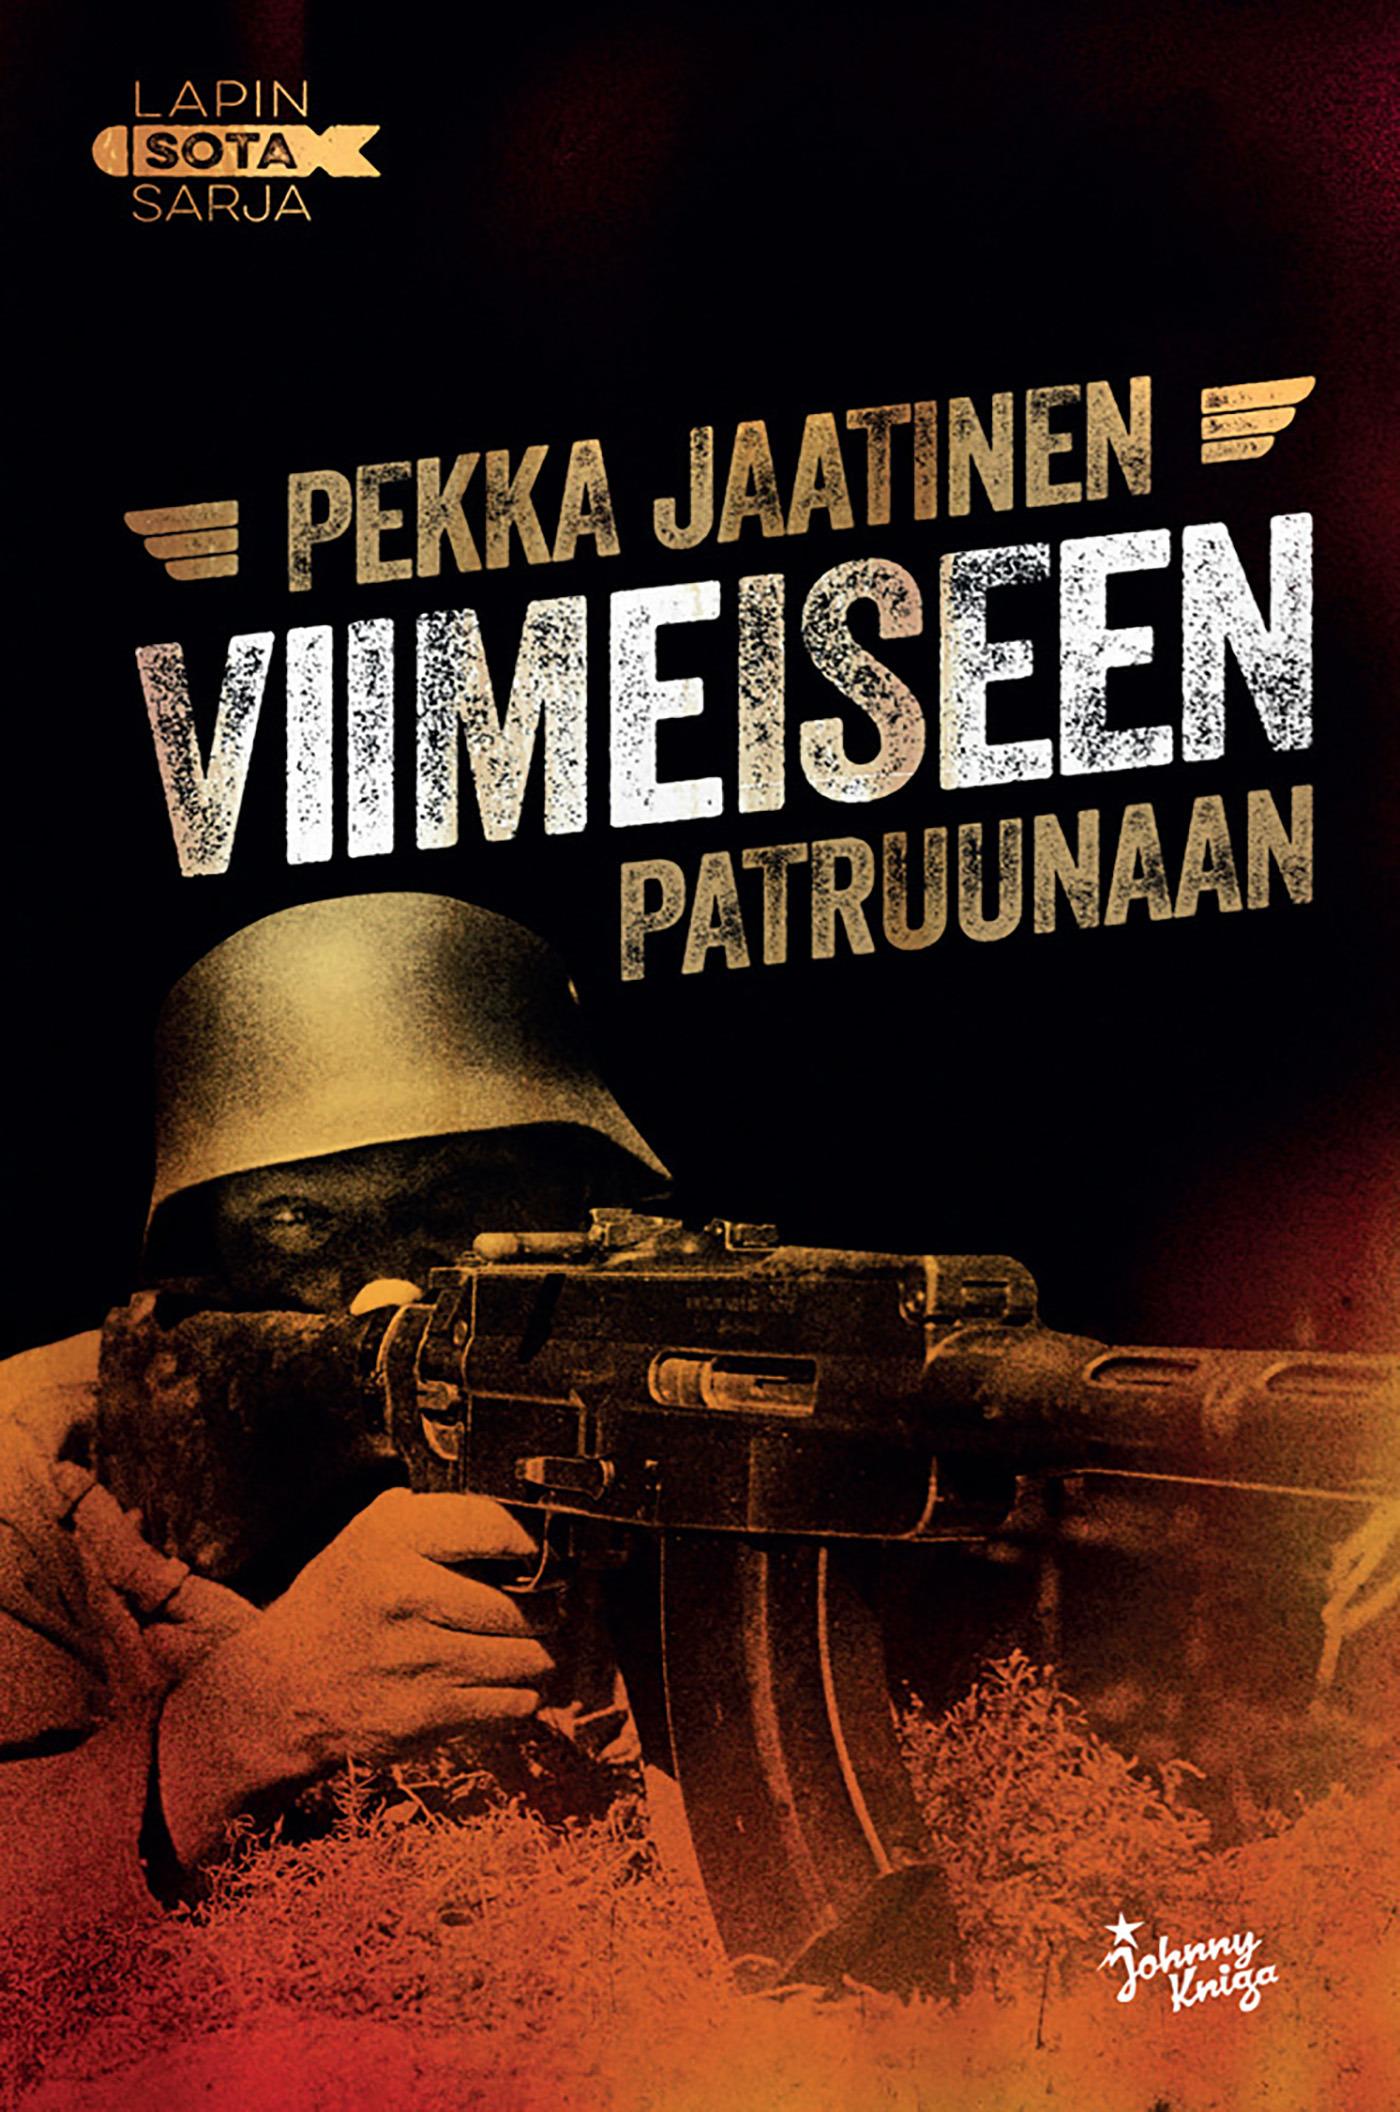 Jaatinen, Pekka - Viimeiseen patruunaan: Lapin sota 1, e-bok